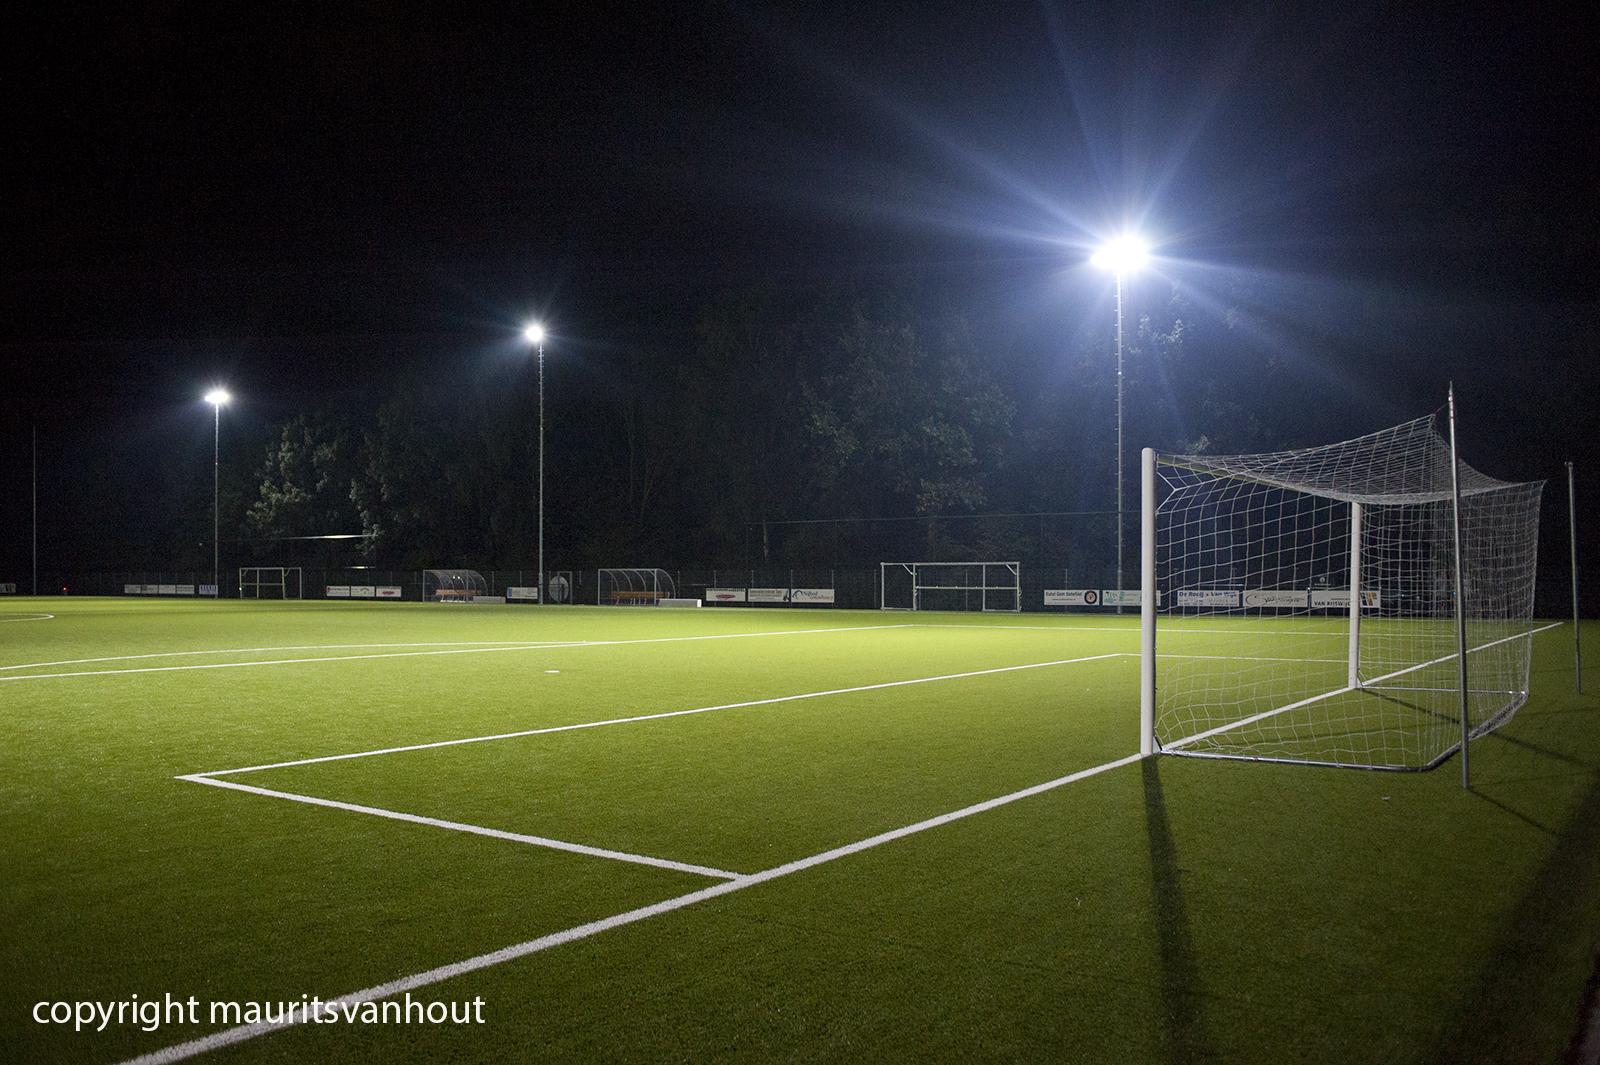 Voorbeeld van produktfotografie op locatie door fotograaf Maurits van Hout uit Den Haag (Rijswijk) ; led verlichting op een sportpark